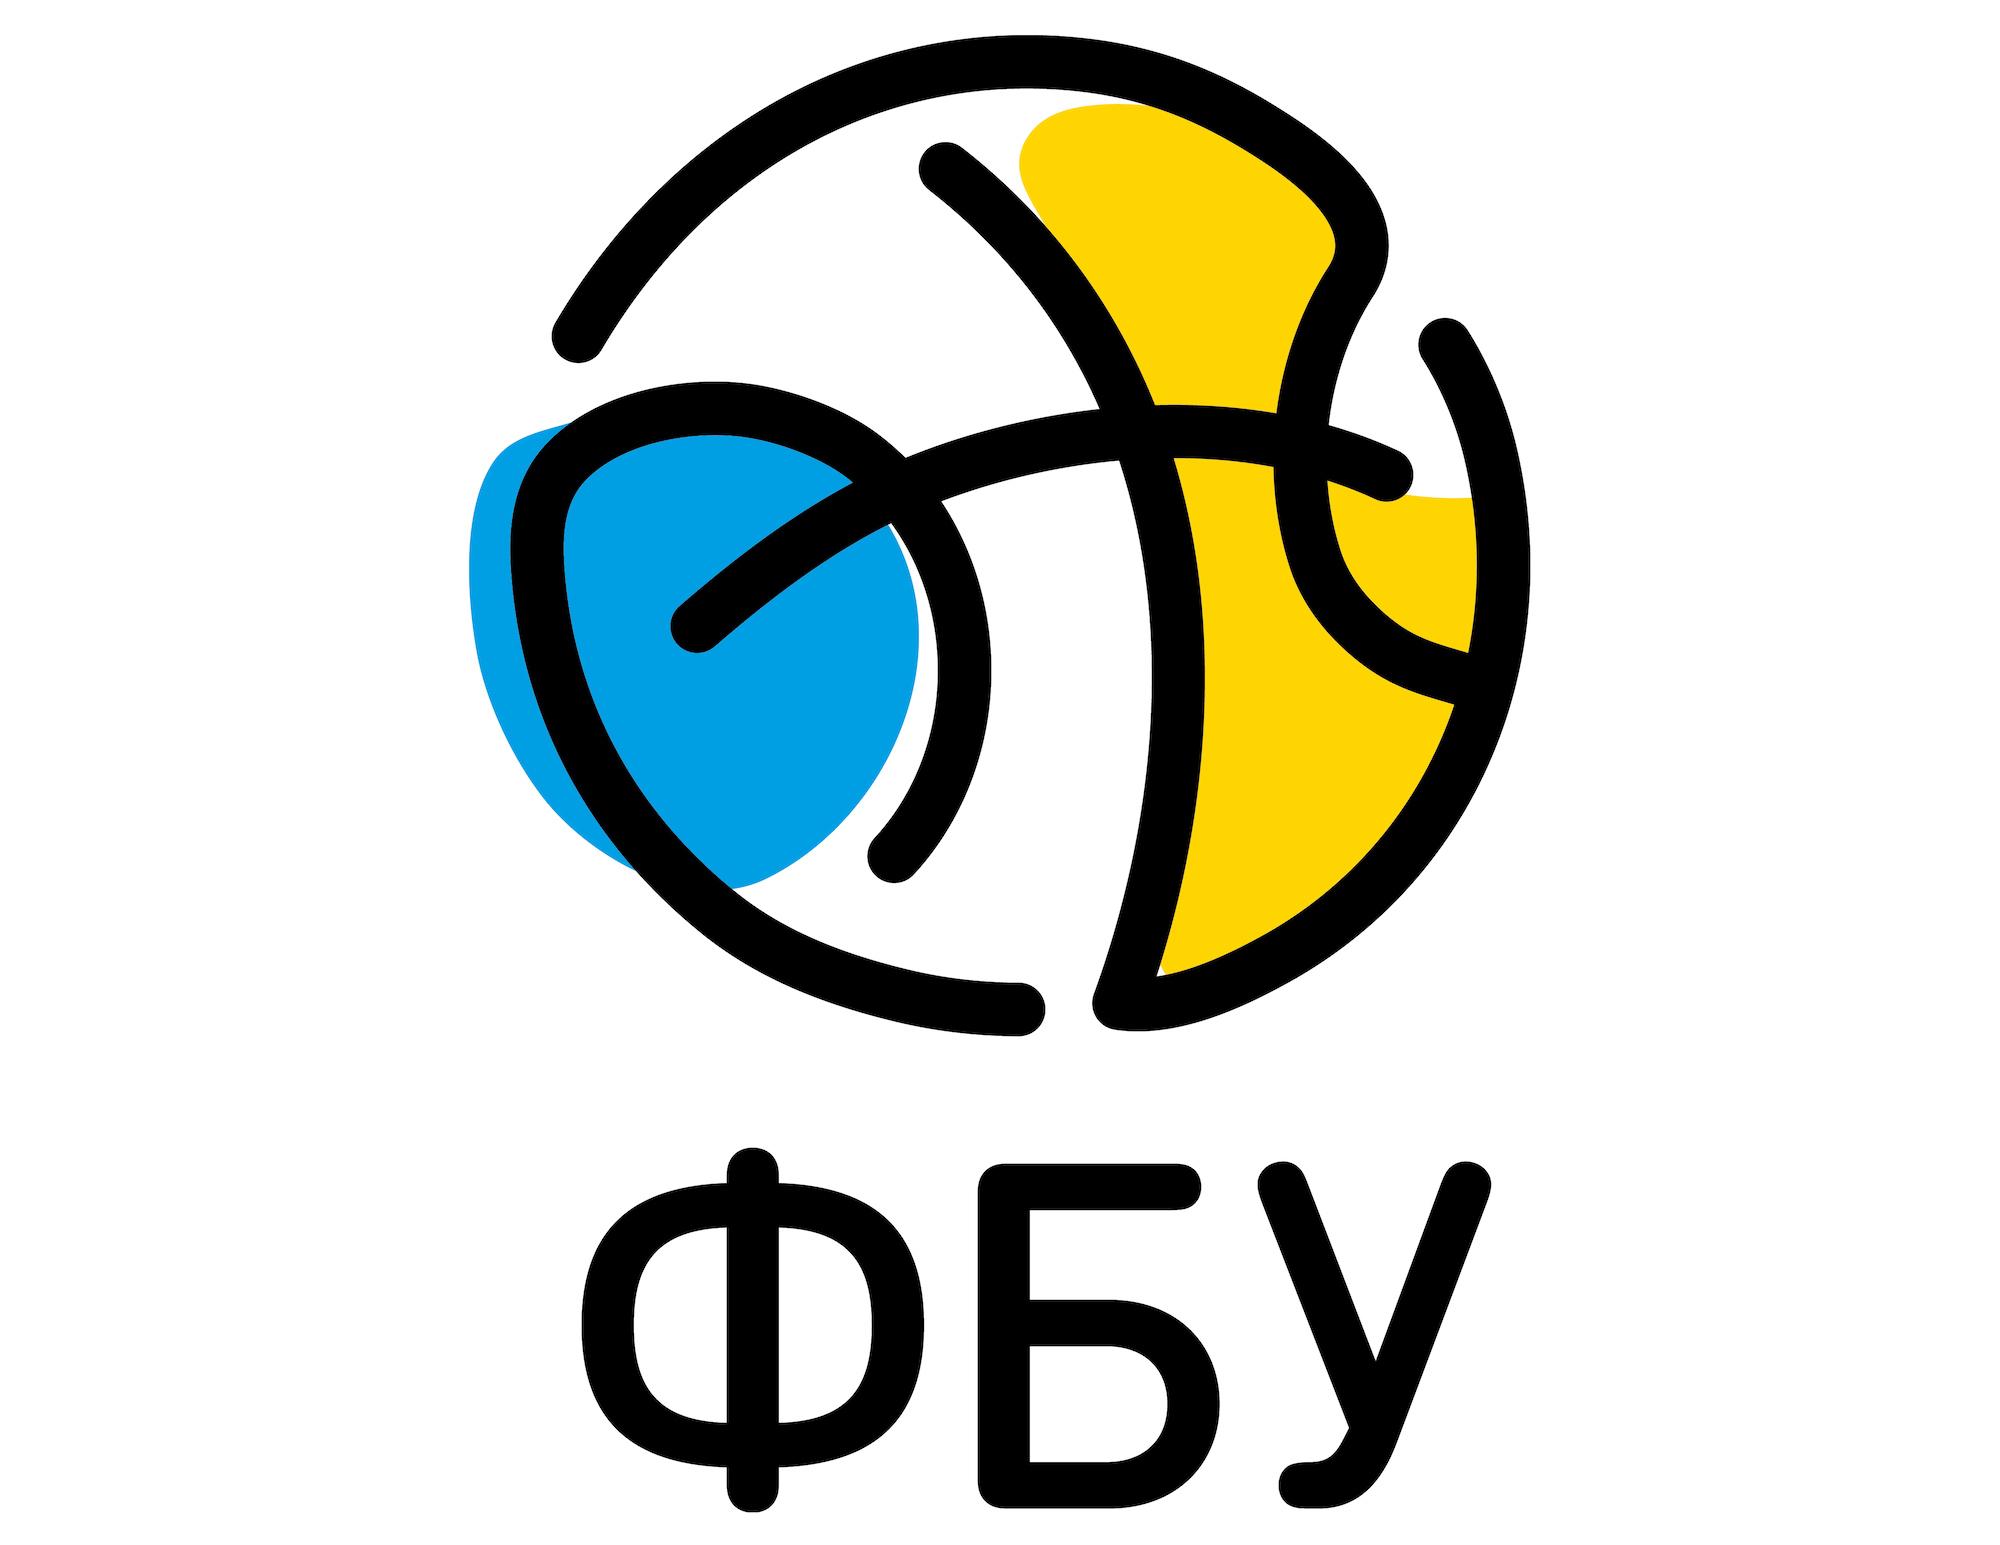 Виконком ФБУ: онлайн відеотрансляція засідання